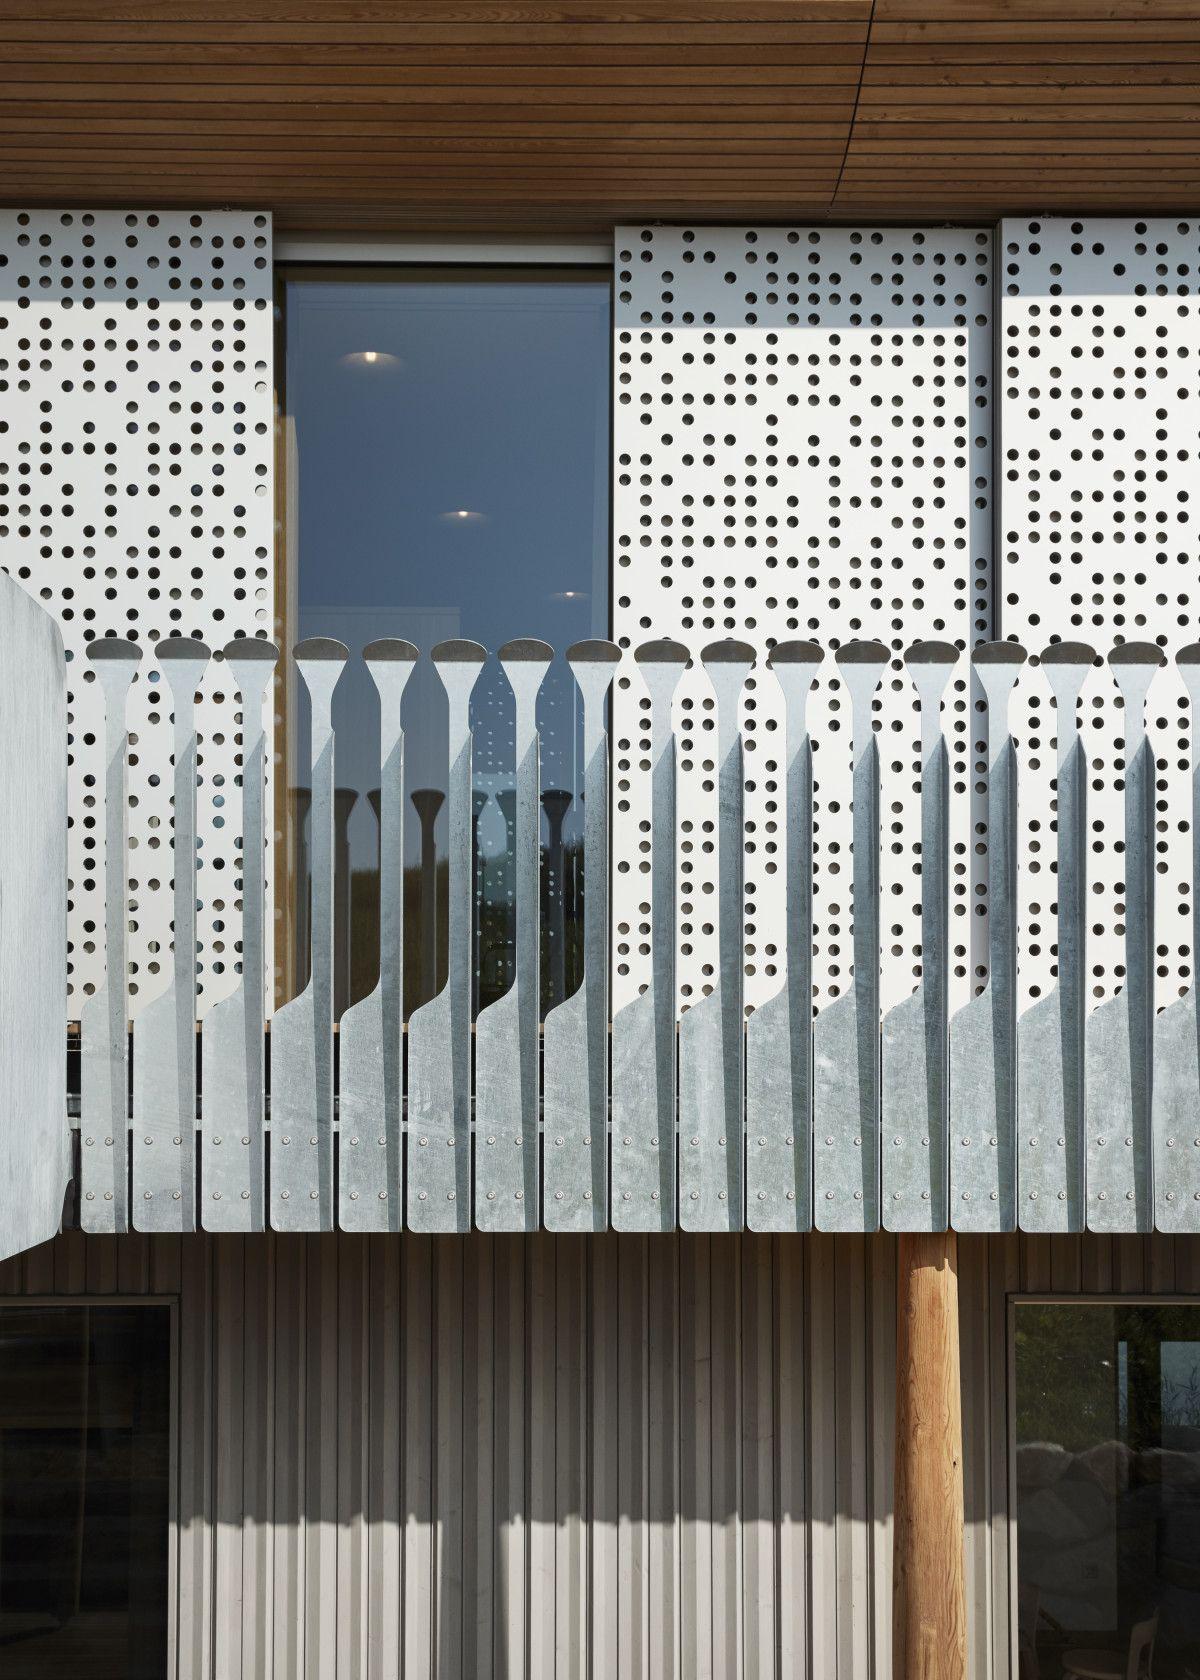 Treppenhaus architektur detail  Verschattung Fassade mit Metall-Elementen - Architektur Detail ...